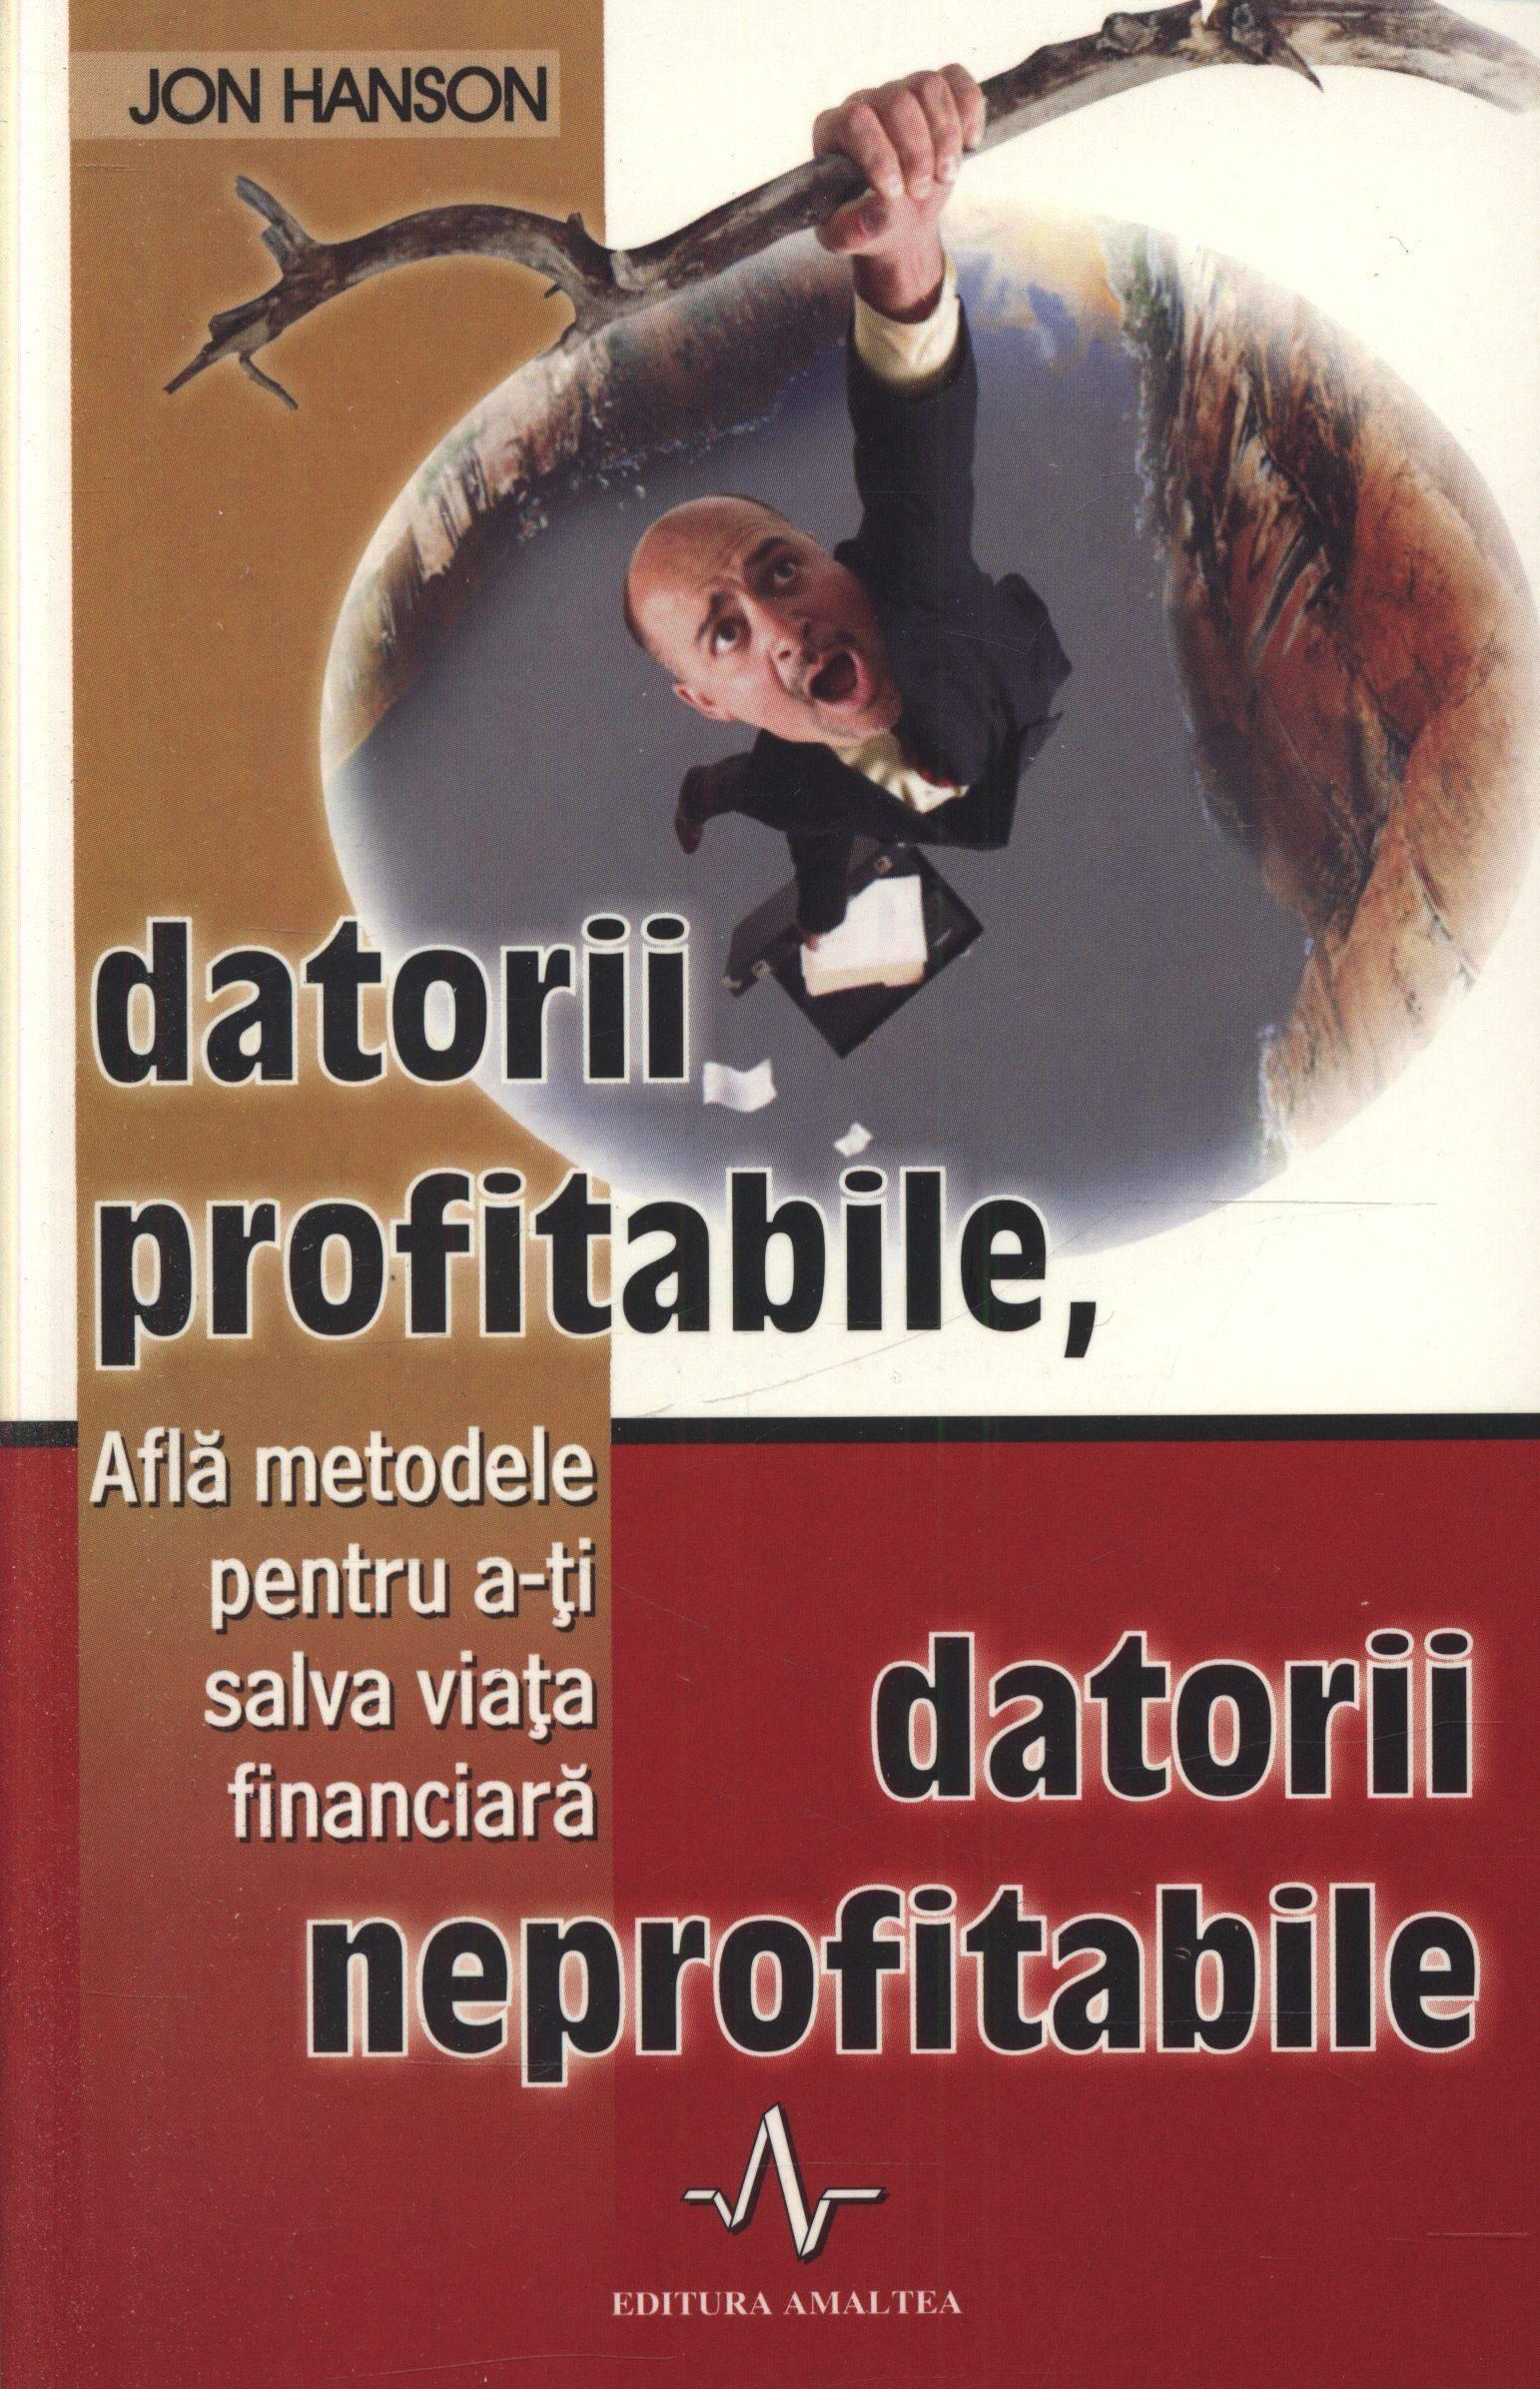 Datorii profitabile, datorii neprofitabile. Află metodele pentru a-ți salva viața financiară - Jon Hanson